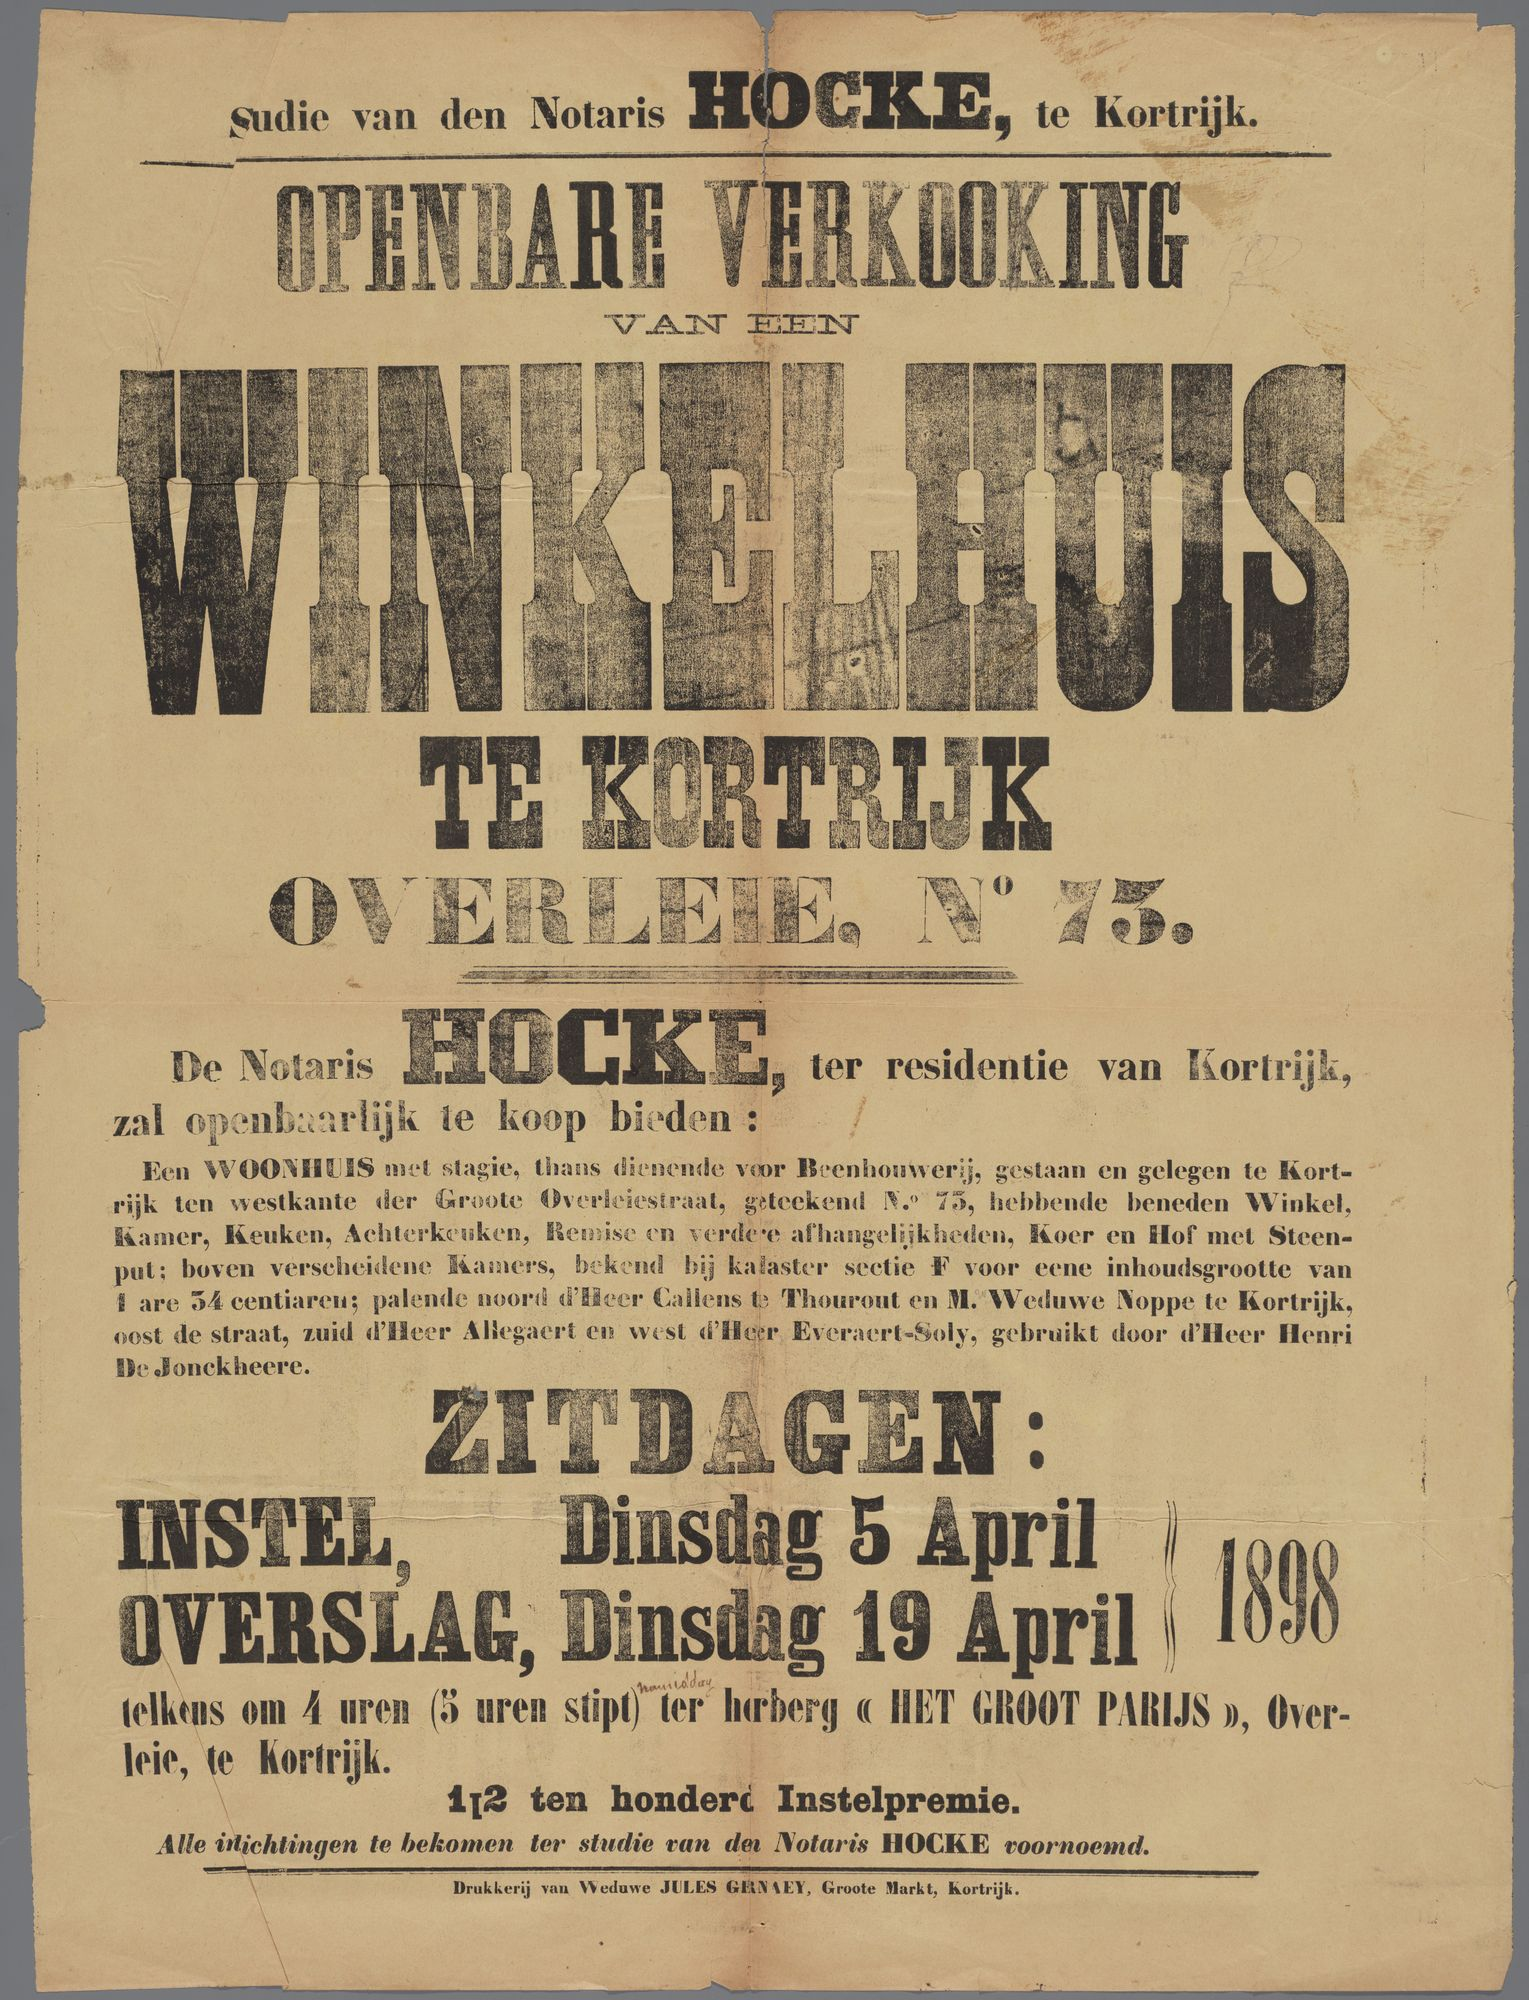 Openbare verkoop van een winkelpand 1898